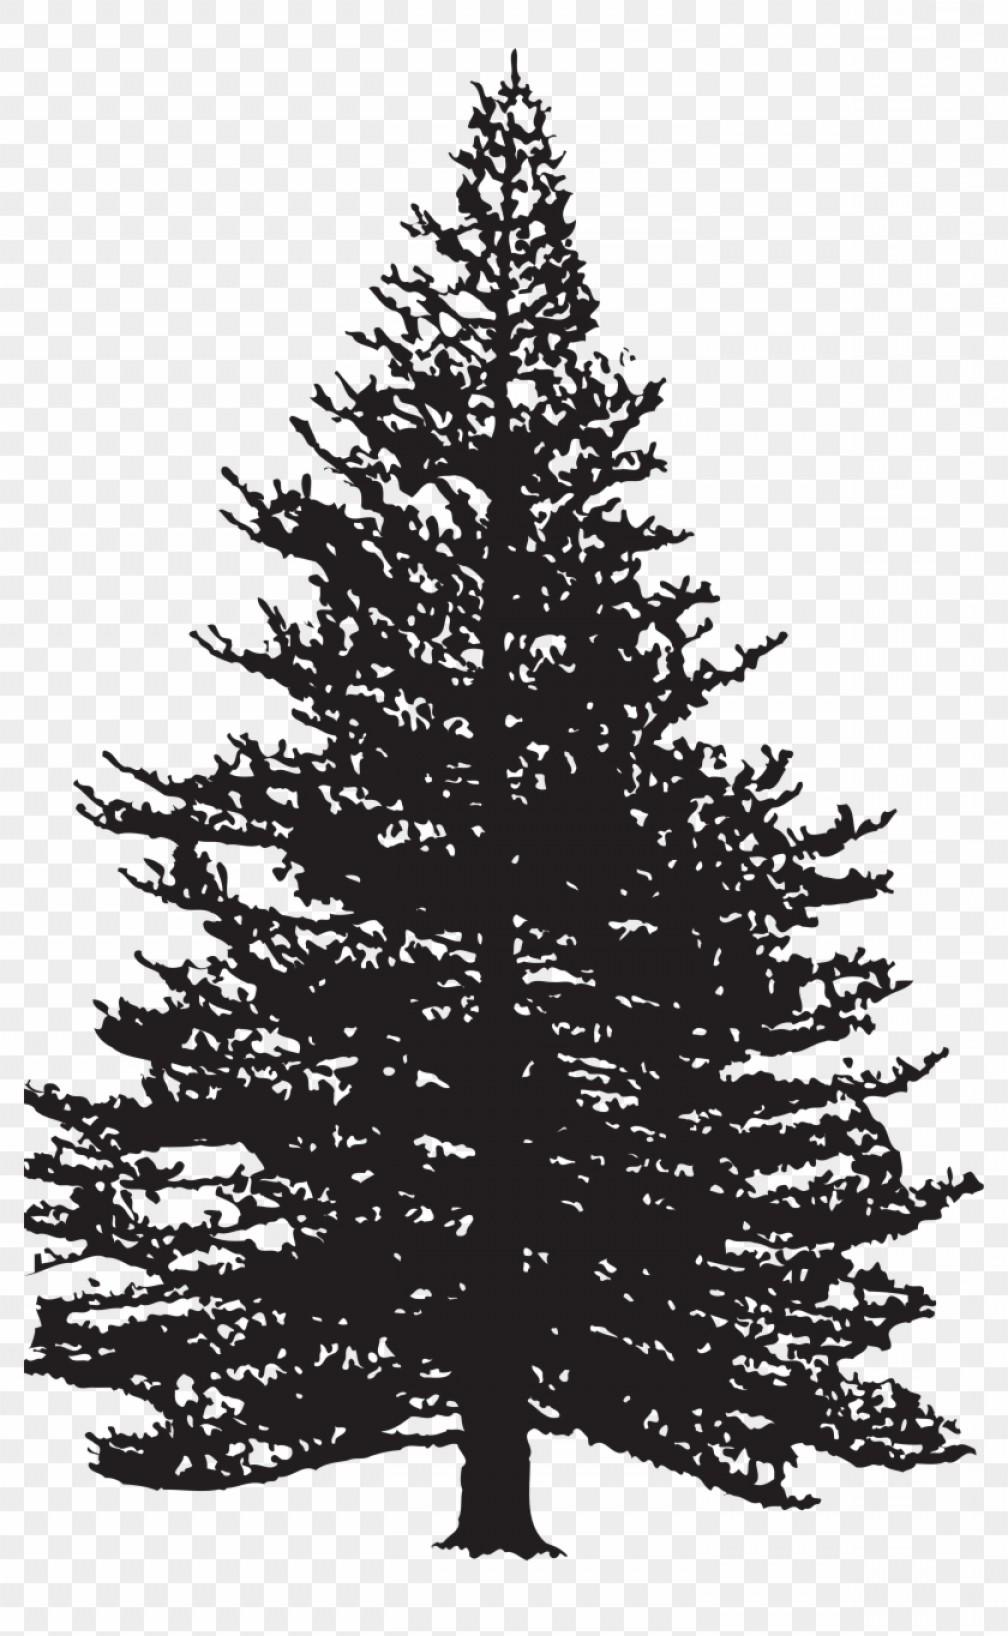 Ttojopine Tree Silhouette Clip Art Image Pine Tree.